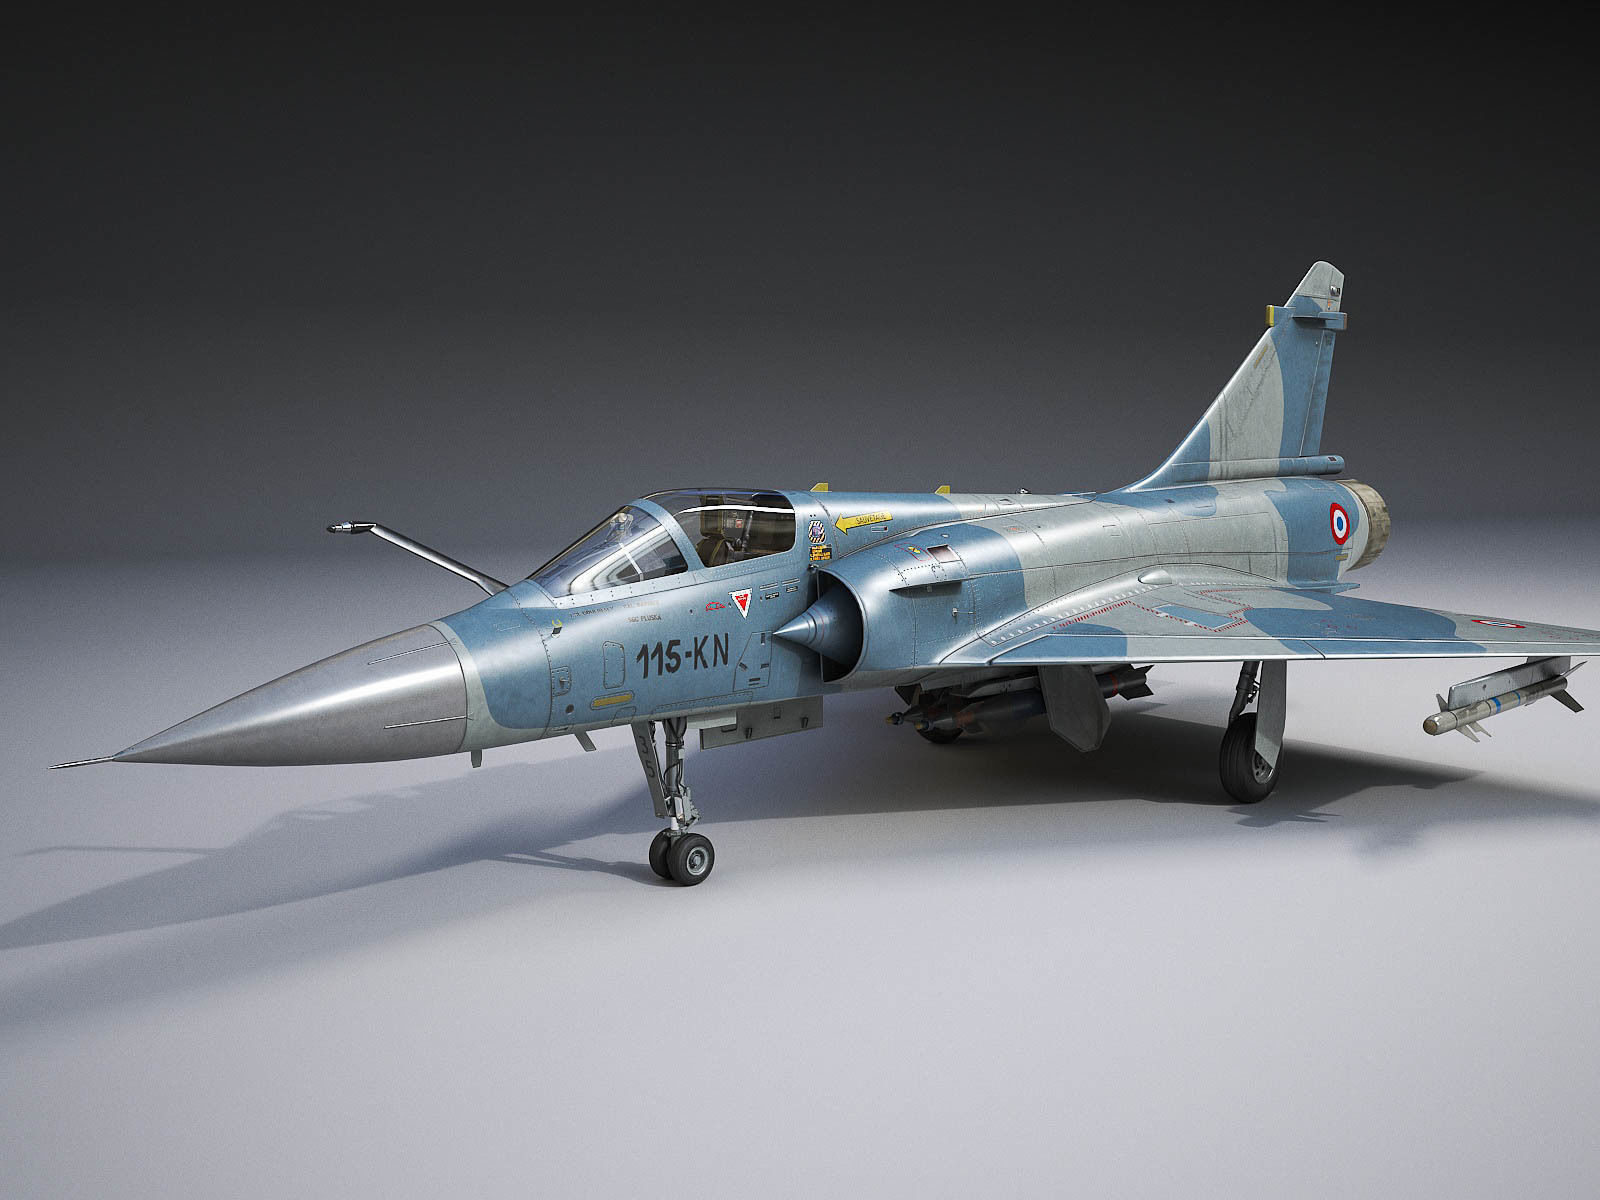 Dassault Mirage 2000 rigged